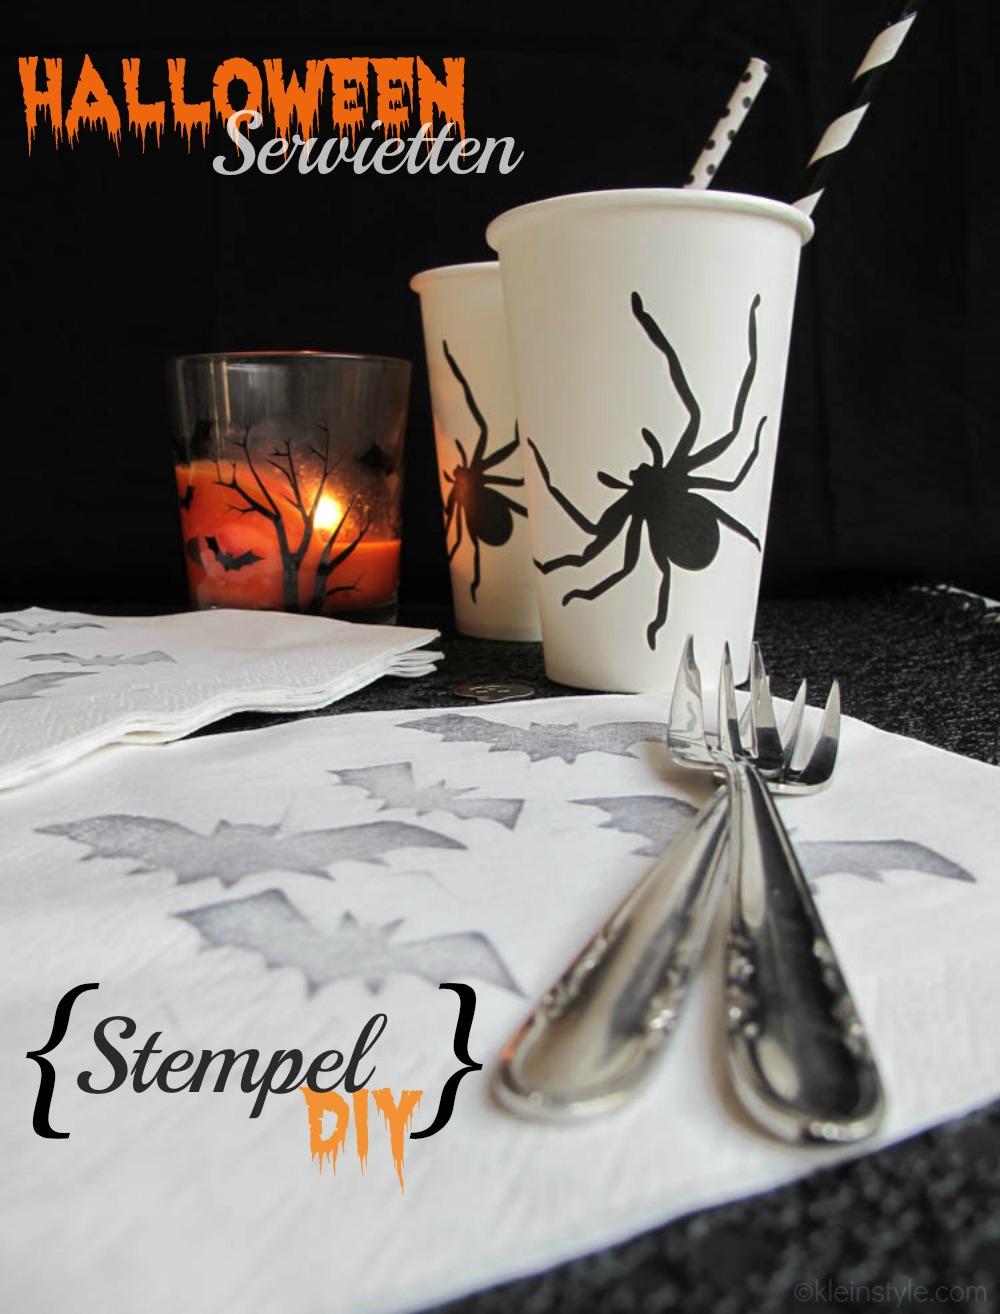 halloween servietten stempel diy by kleinstyle.com